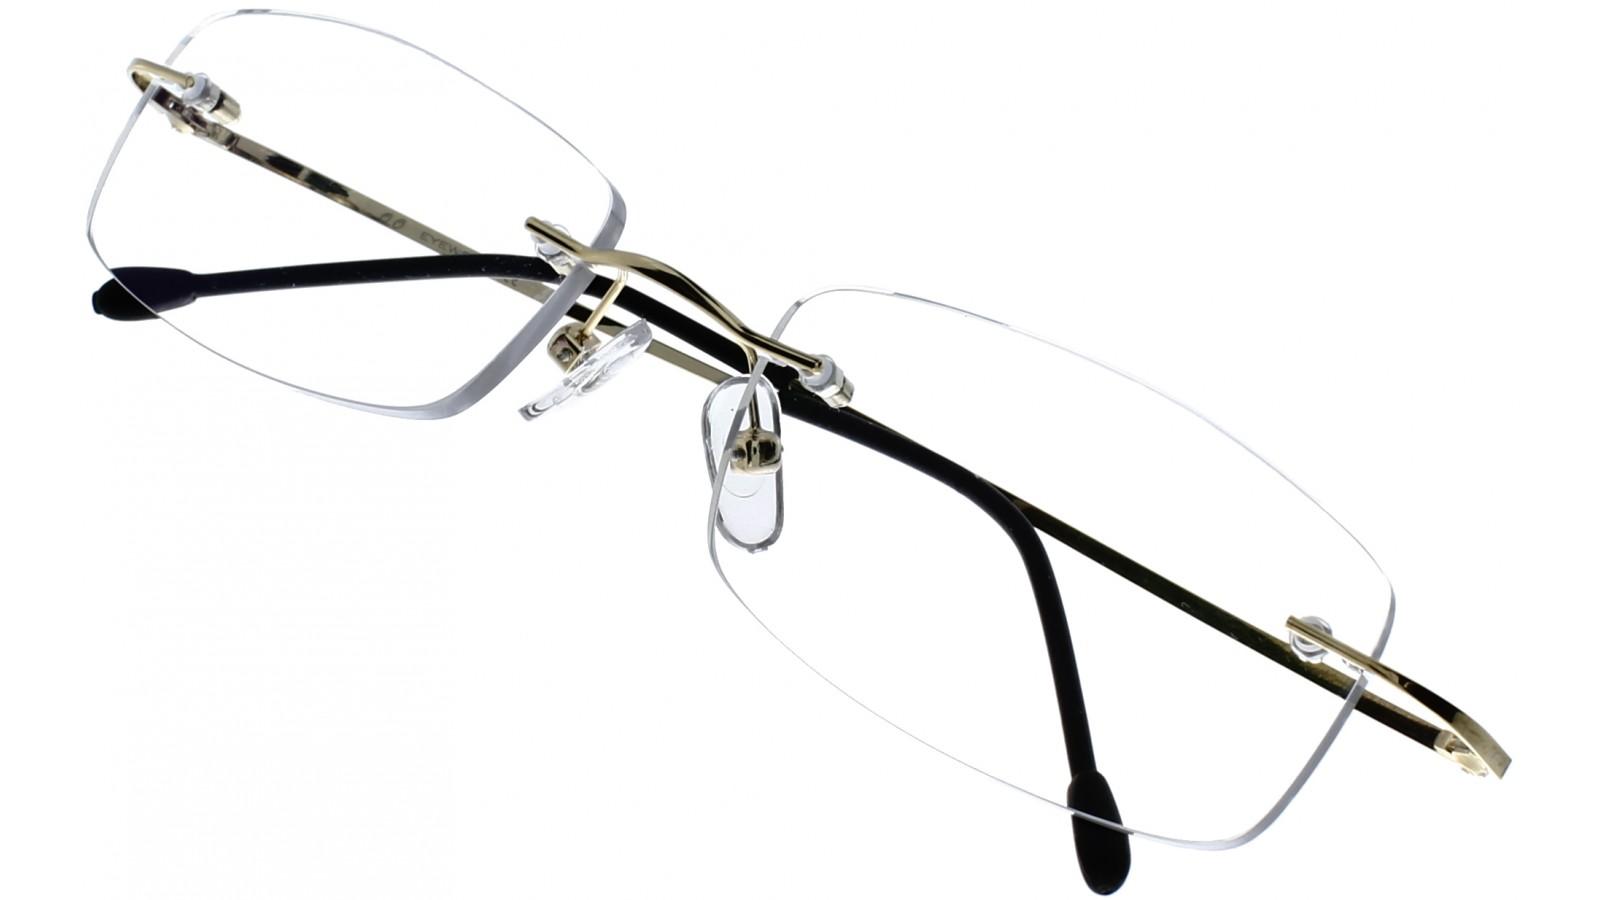 dff25855c410b4 Brille Vitra C8 Vorschaubild 1 Brille Vitra C8 Vorschaubild 2 ...